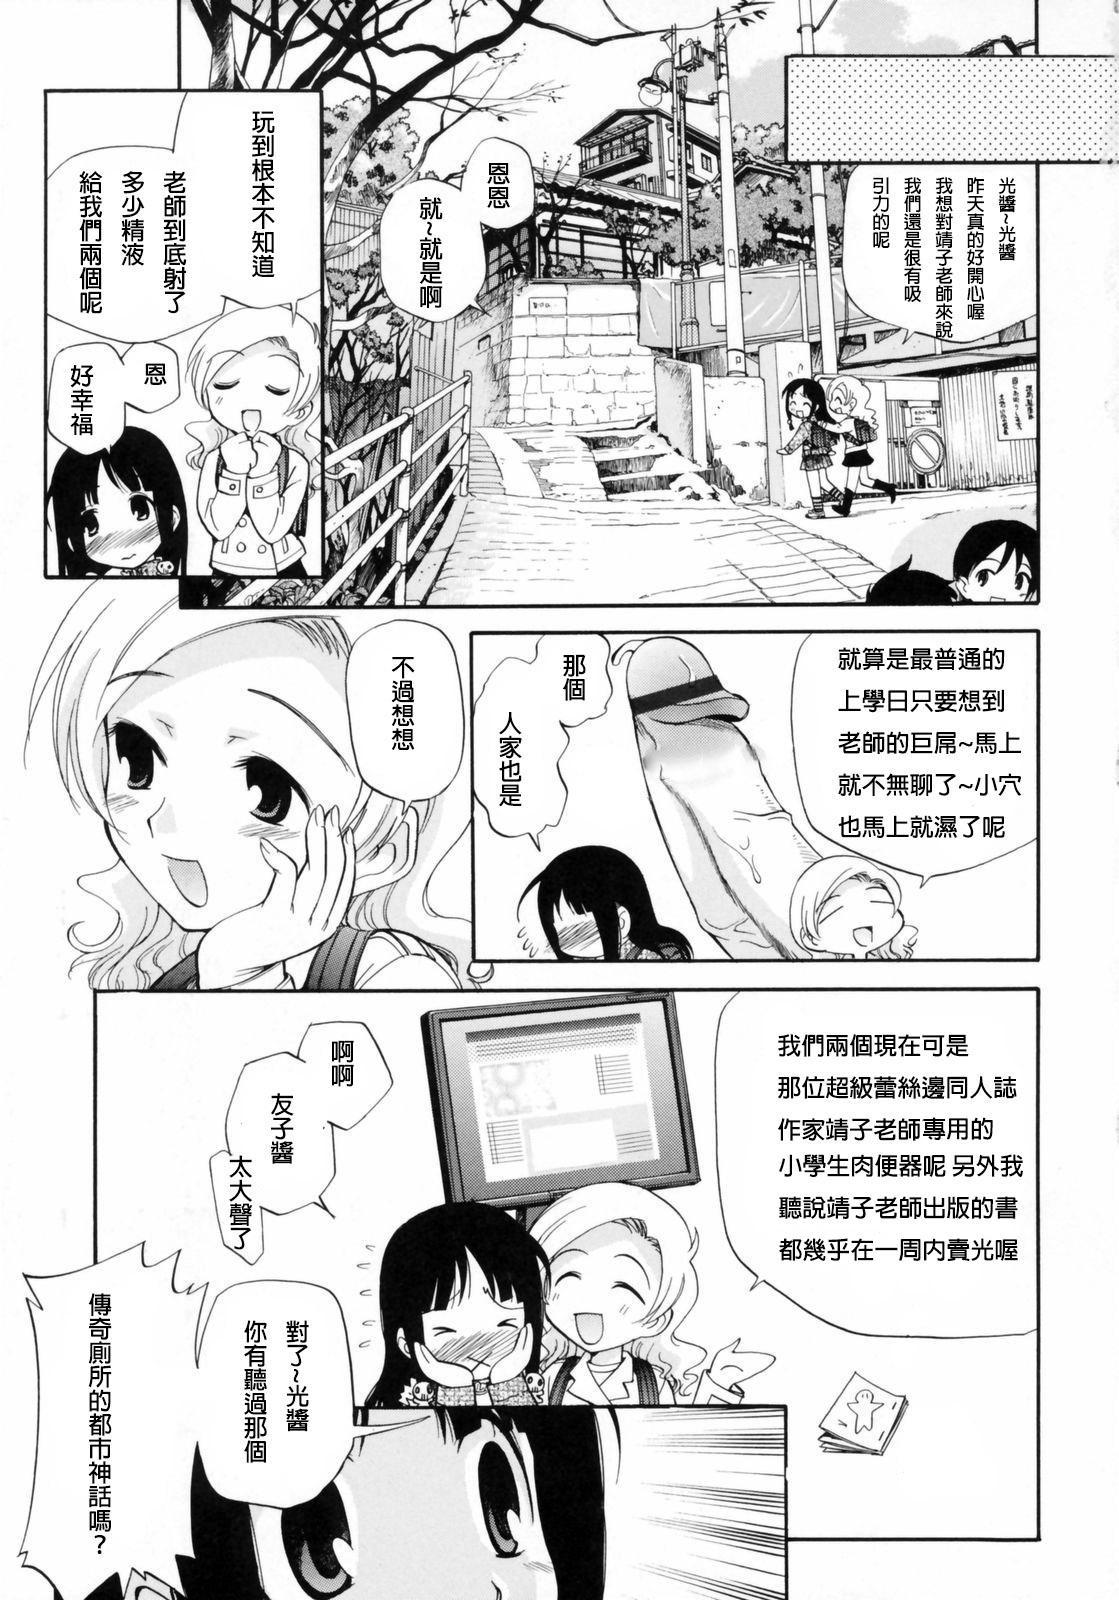 [Kamirenjaku Sanpei] Watashi o Ariake e Tsuretette! - Take me to Ariake! Ch. 1-4 [Chinese] [伍拾漢化] 46